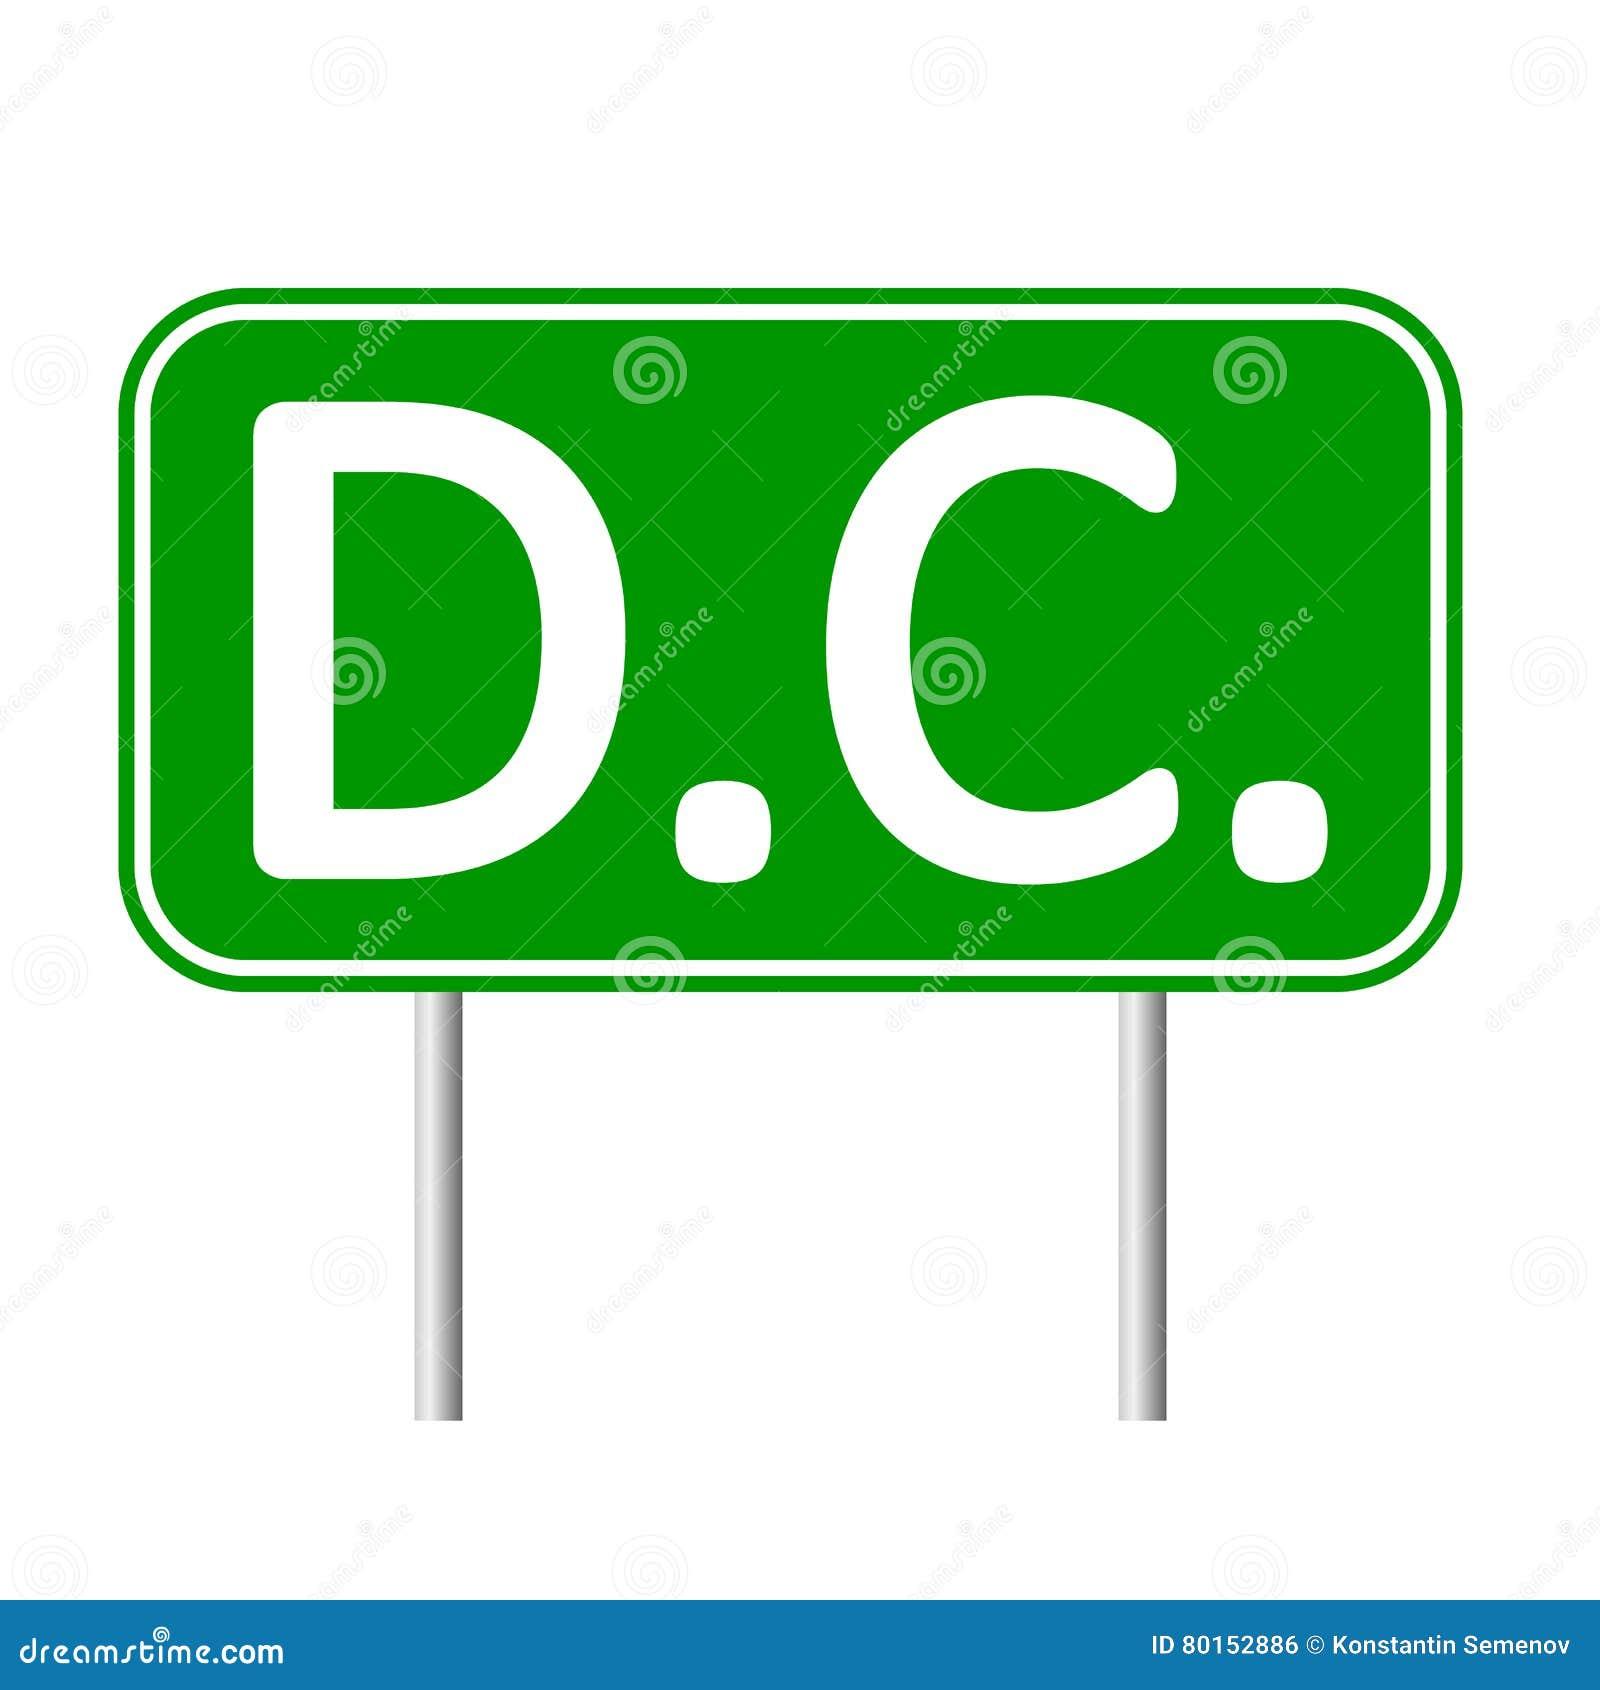 District van de groene verkeersteken van Colombia